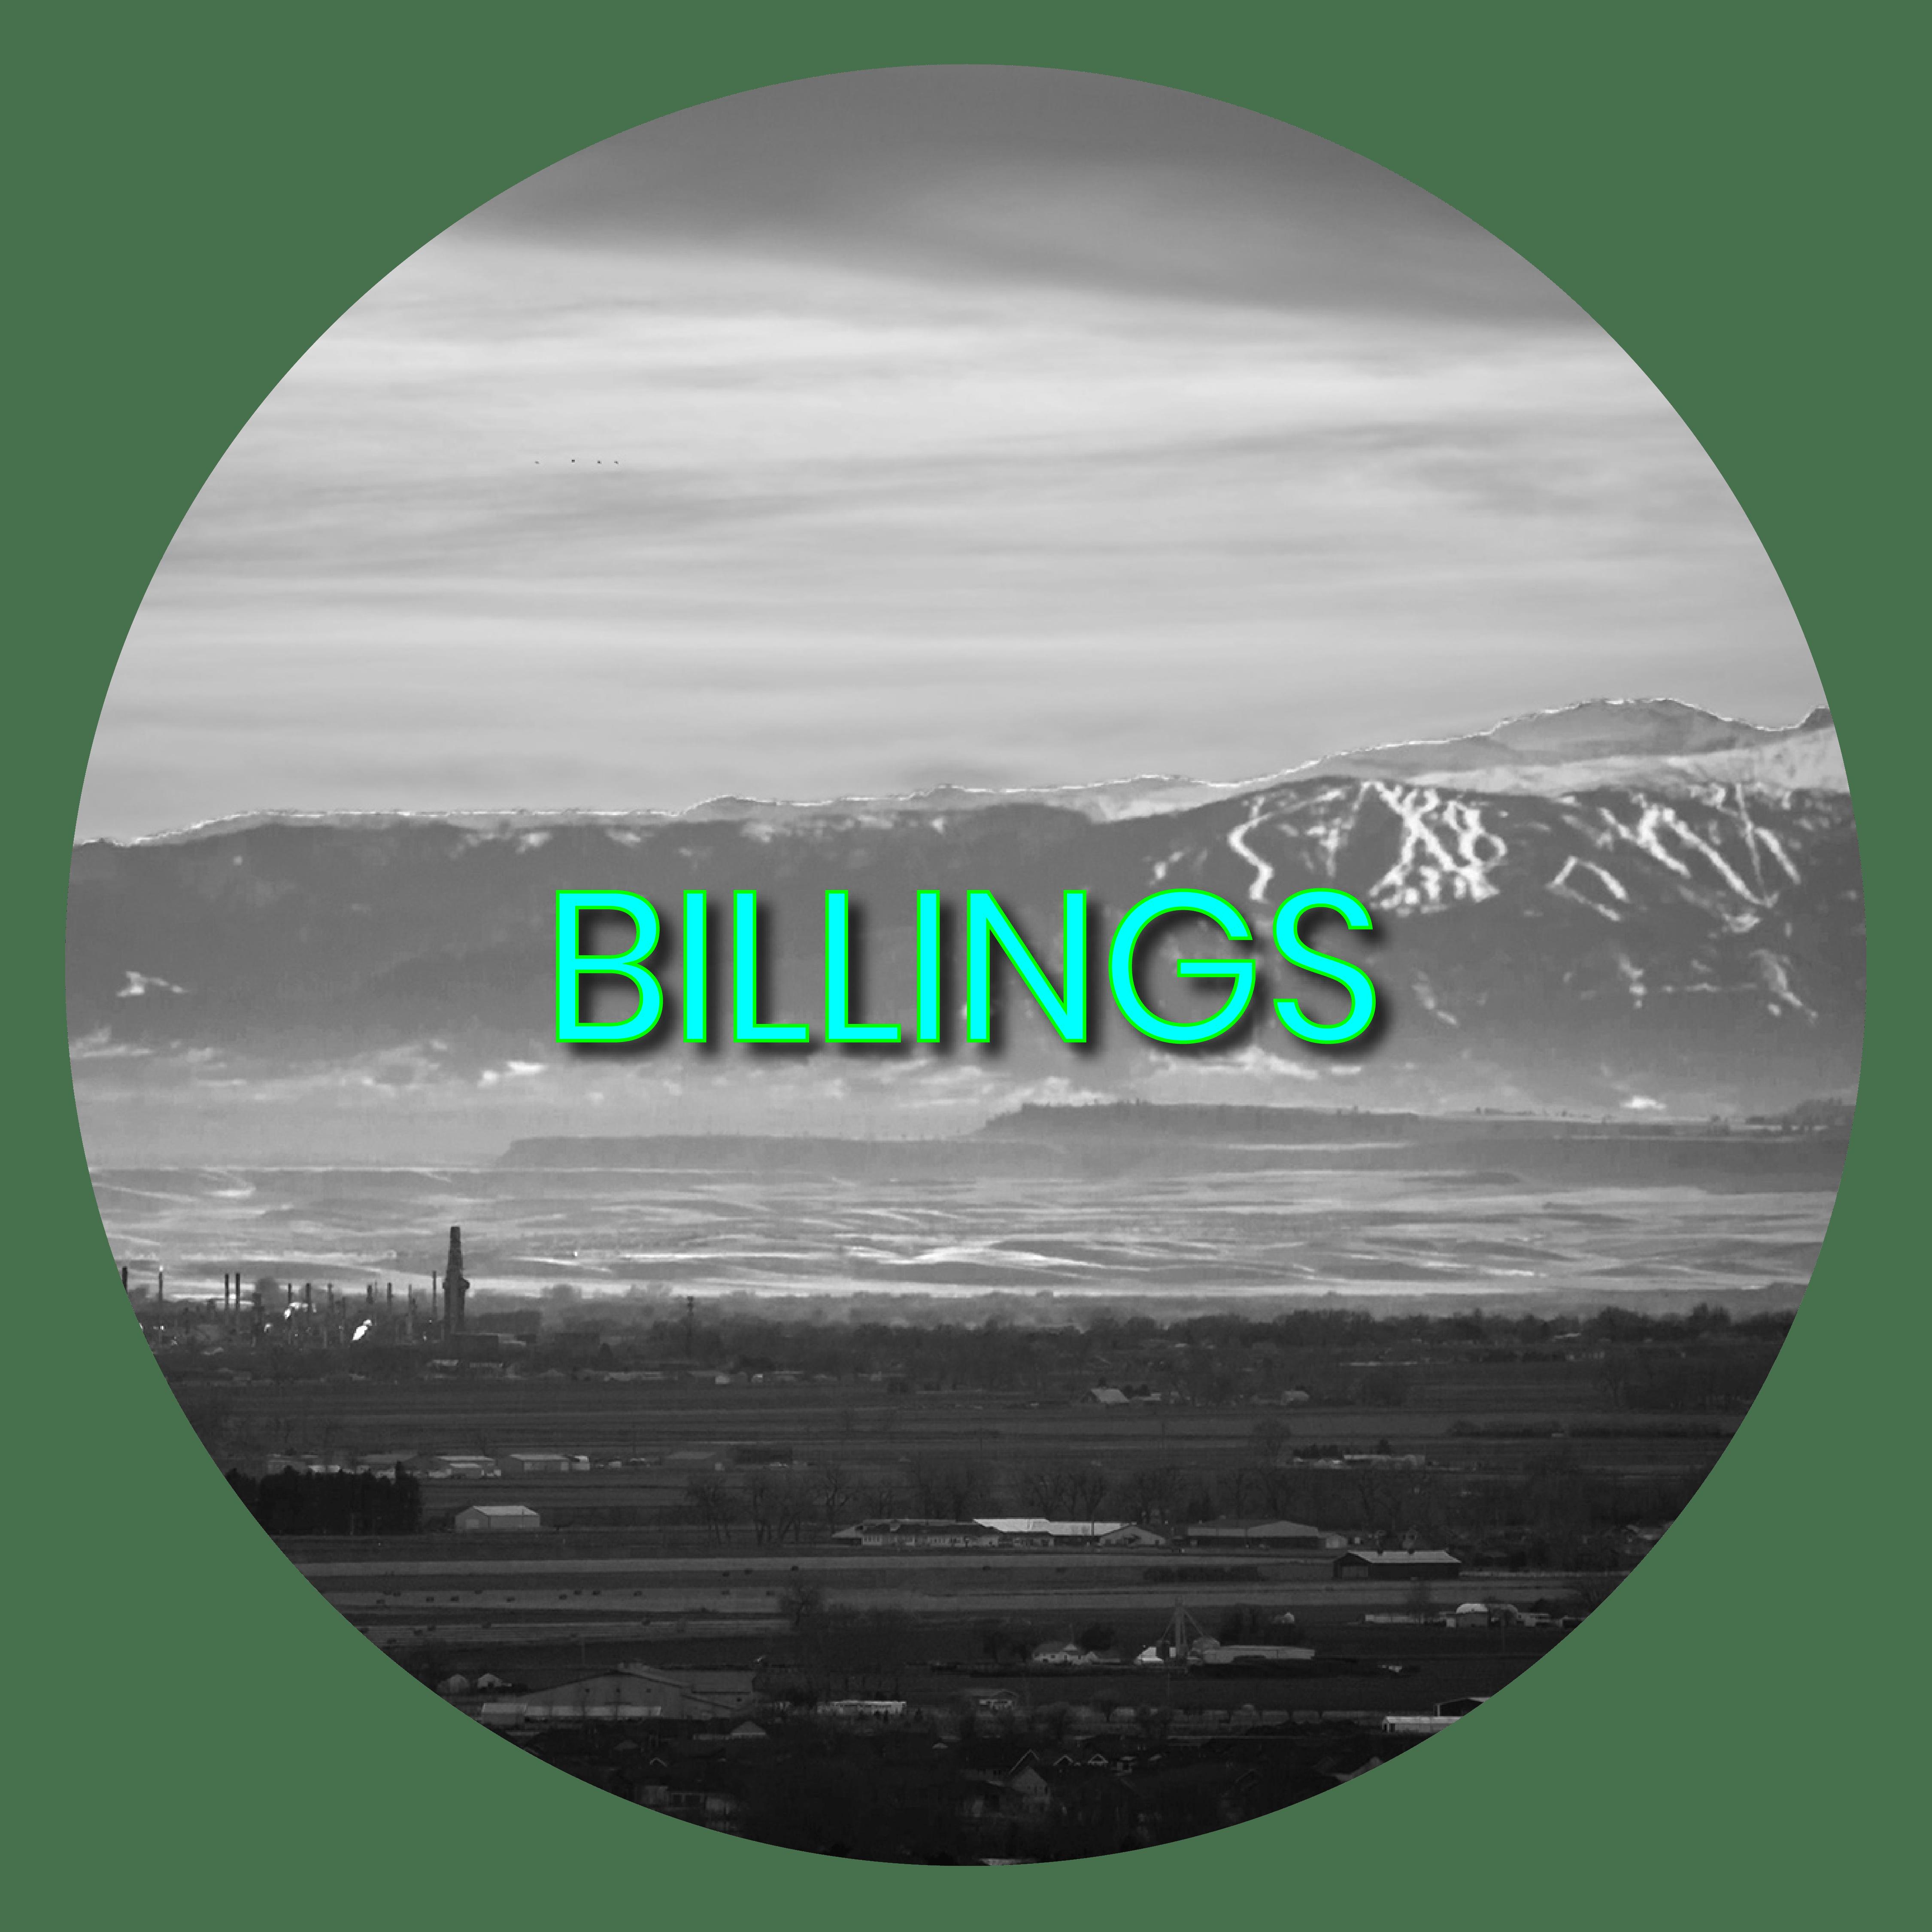 bill circle w text